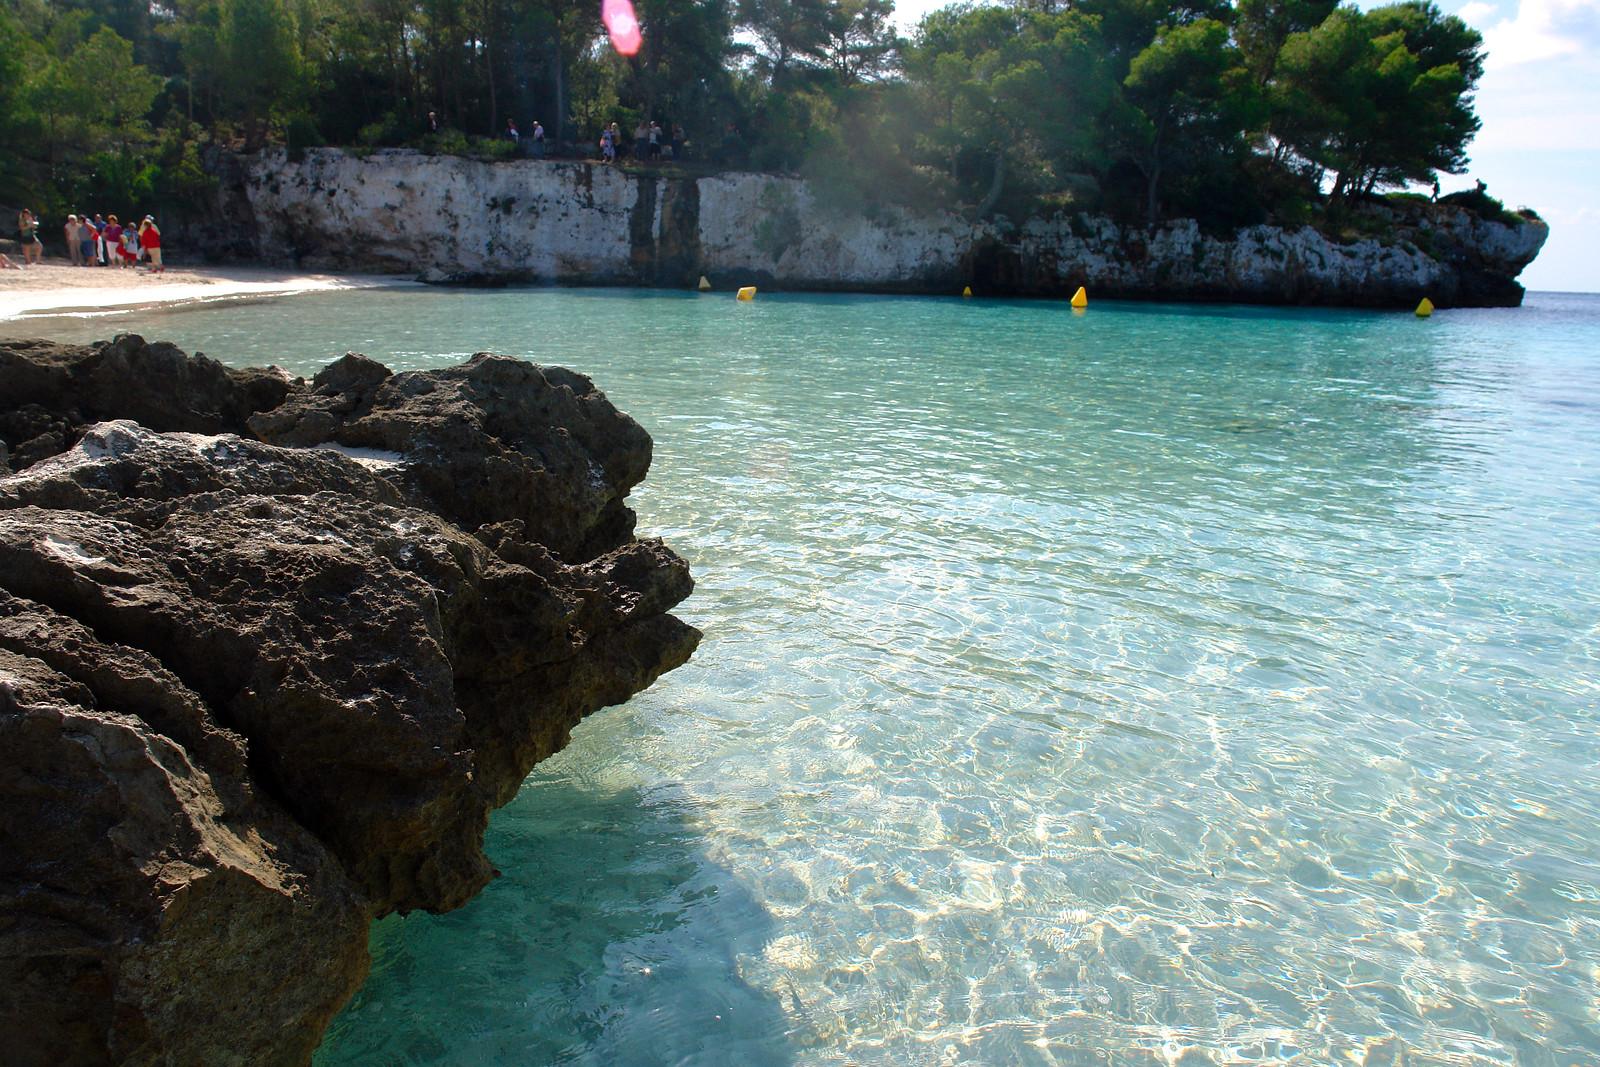 Qué ver en Menorca, Islas Baleares - thewotme qué ver en menorca - 50046235788 c1b91bf62d h - Qué ver en Menorca, lugares a NO perderse